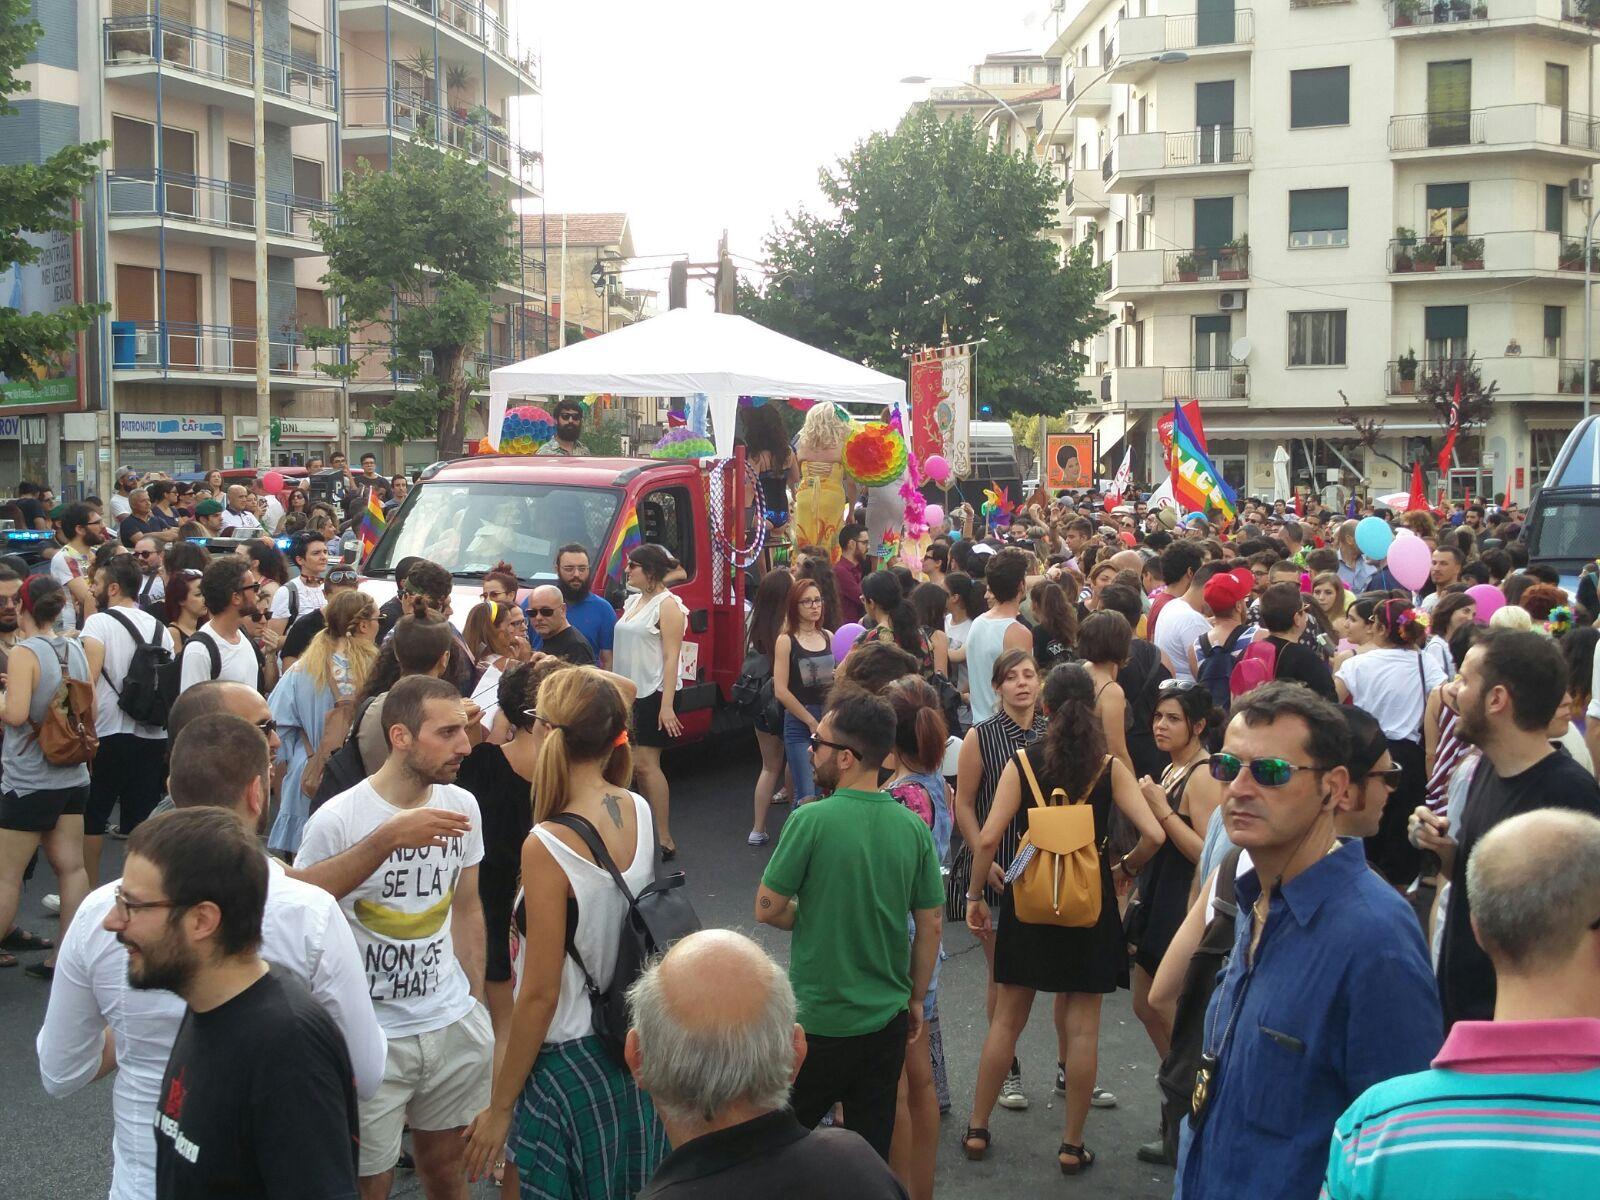 Gay Pride a Cosenza, la grande festaUn'occasione per ribadire la libertà di essere se stessi